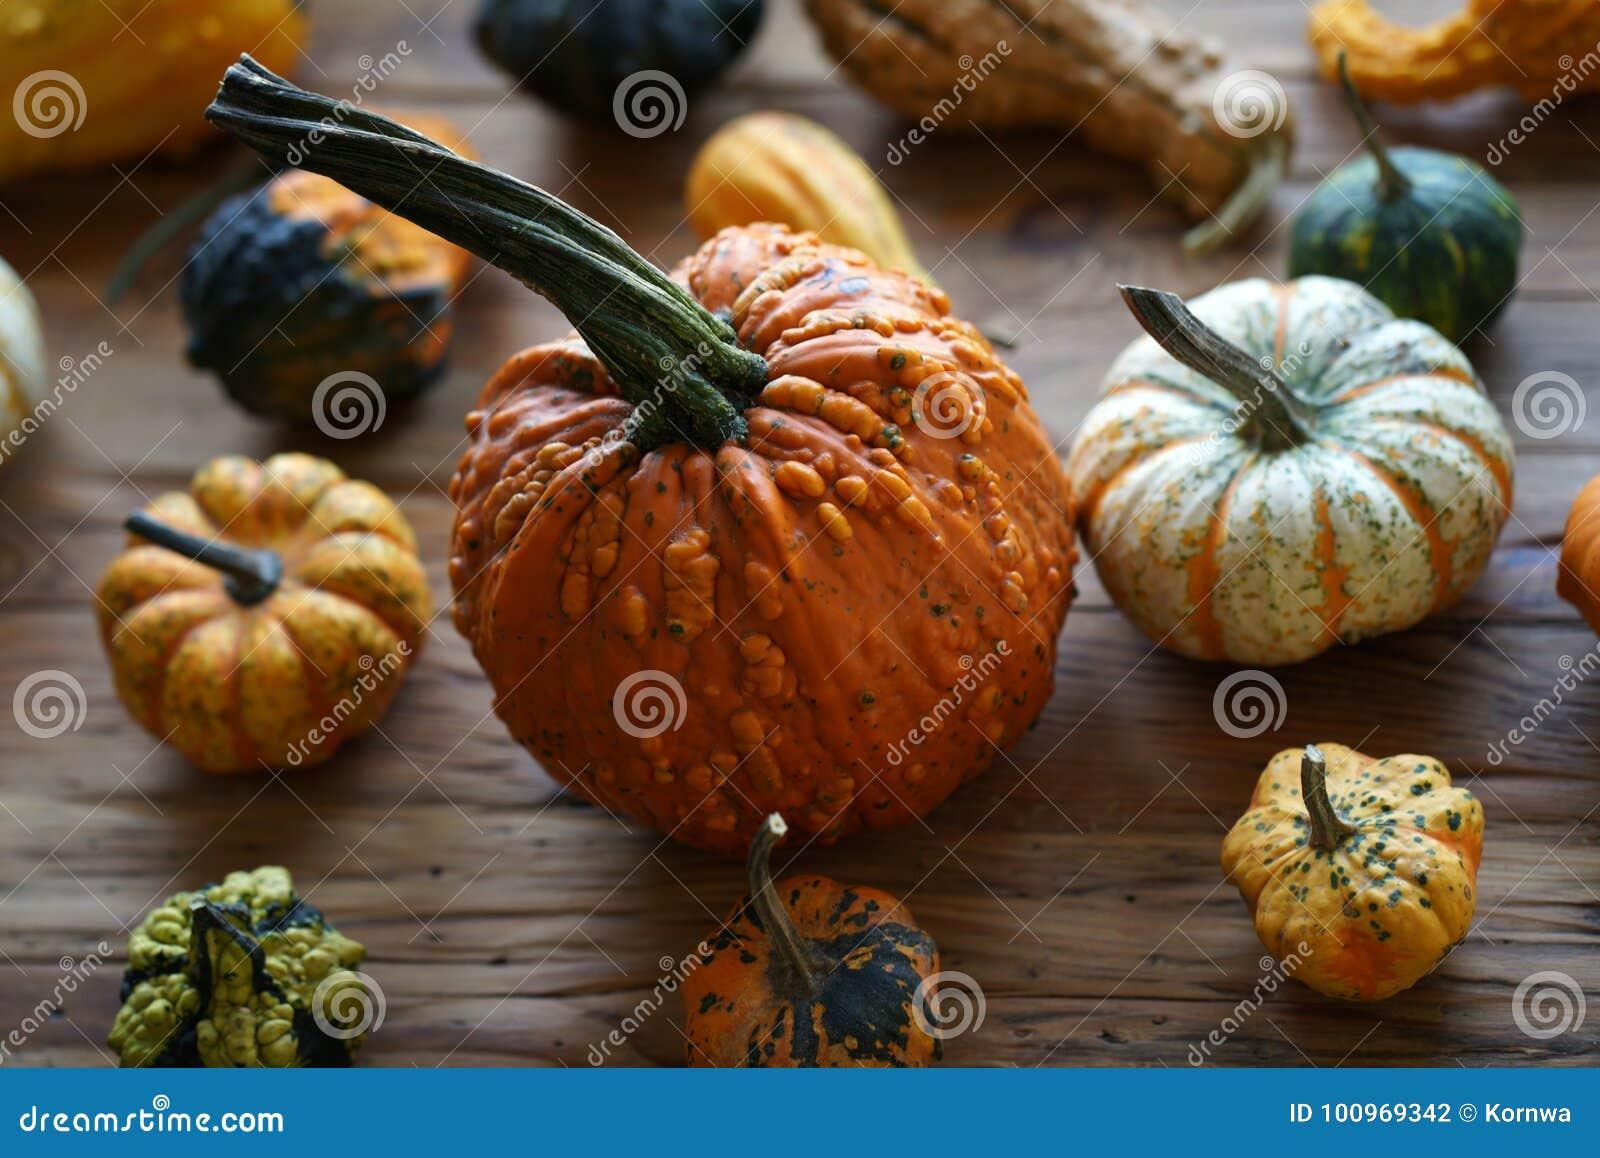 Sammansättning med halloween pumpor